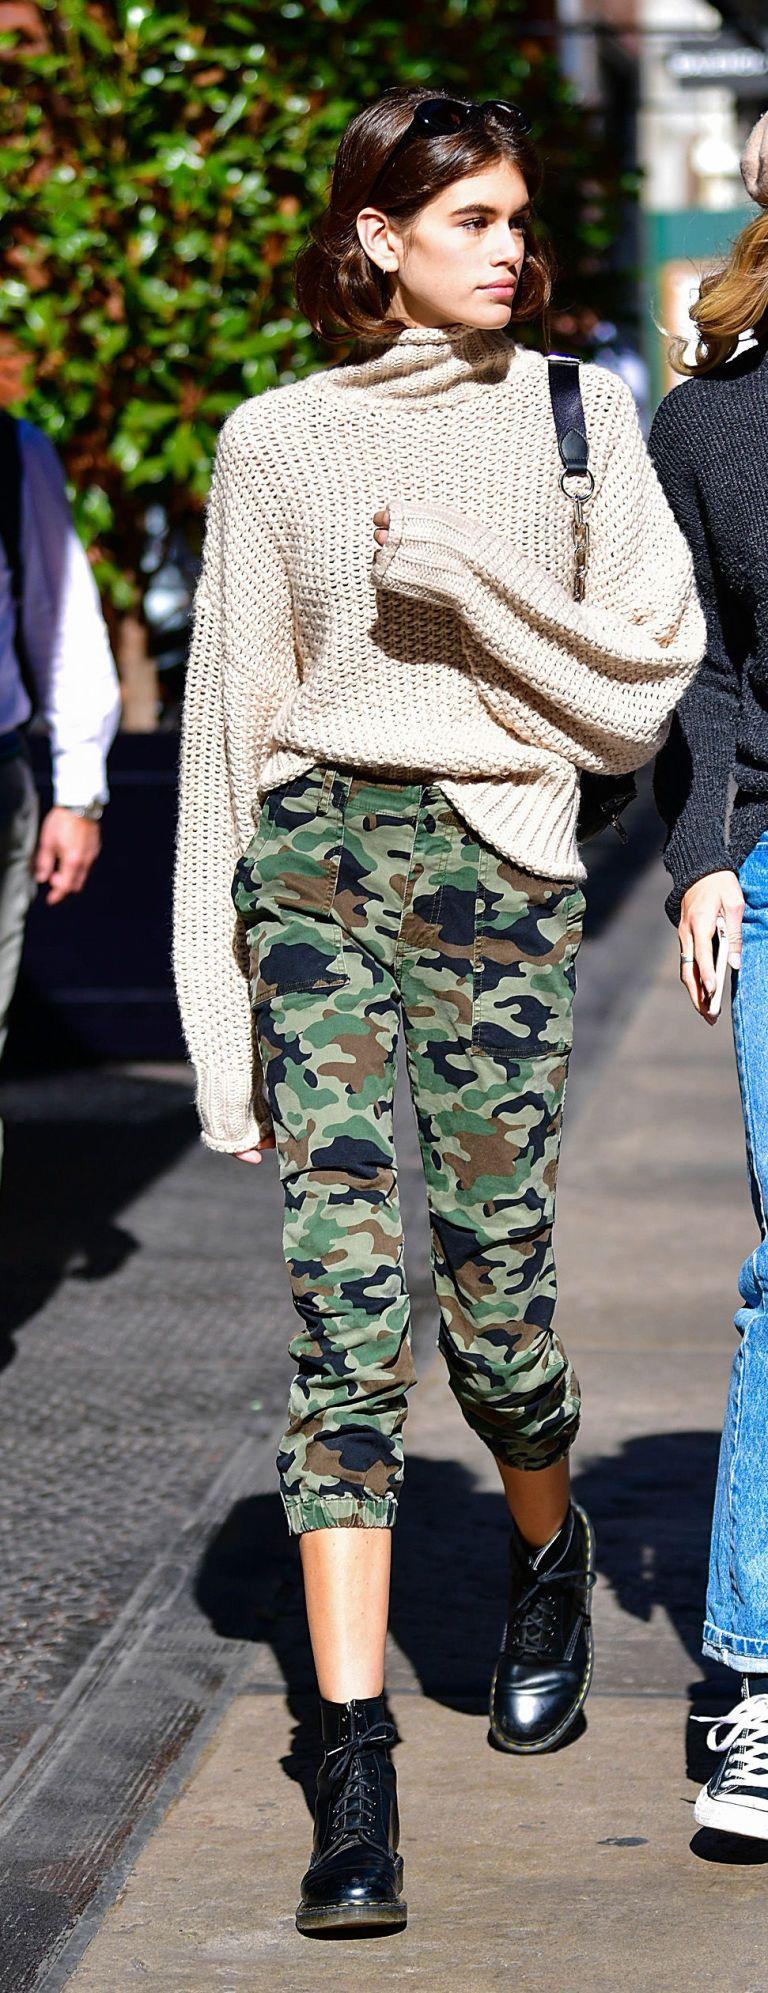 Il maglione low cost indossato da Kaia Gerber è la maglia